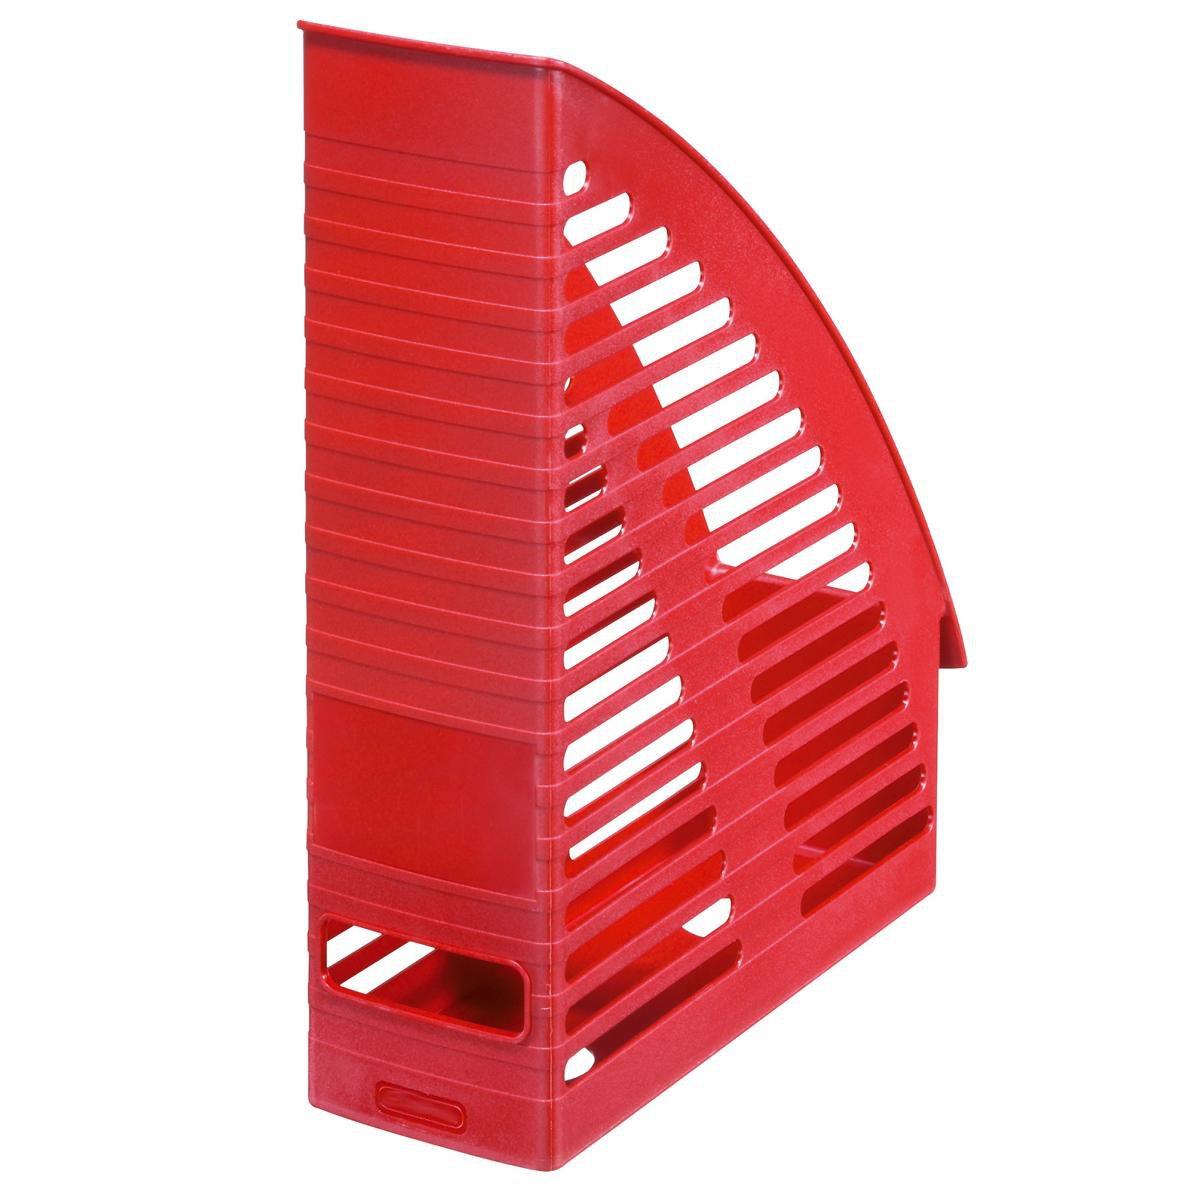 rot 4 Stehsammler Farbe Plastik Stehordner